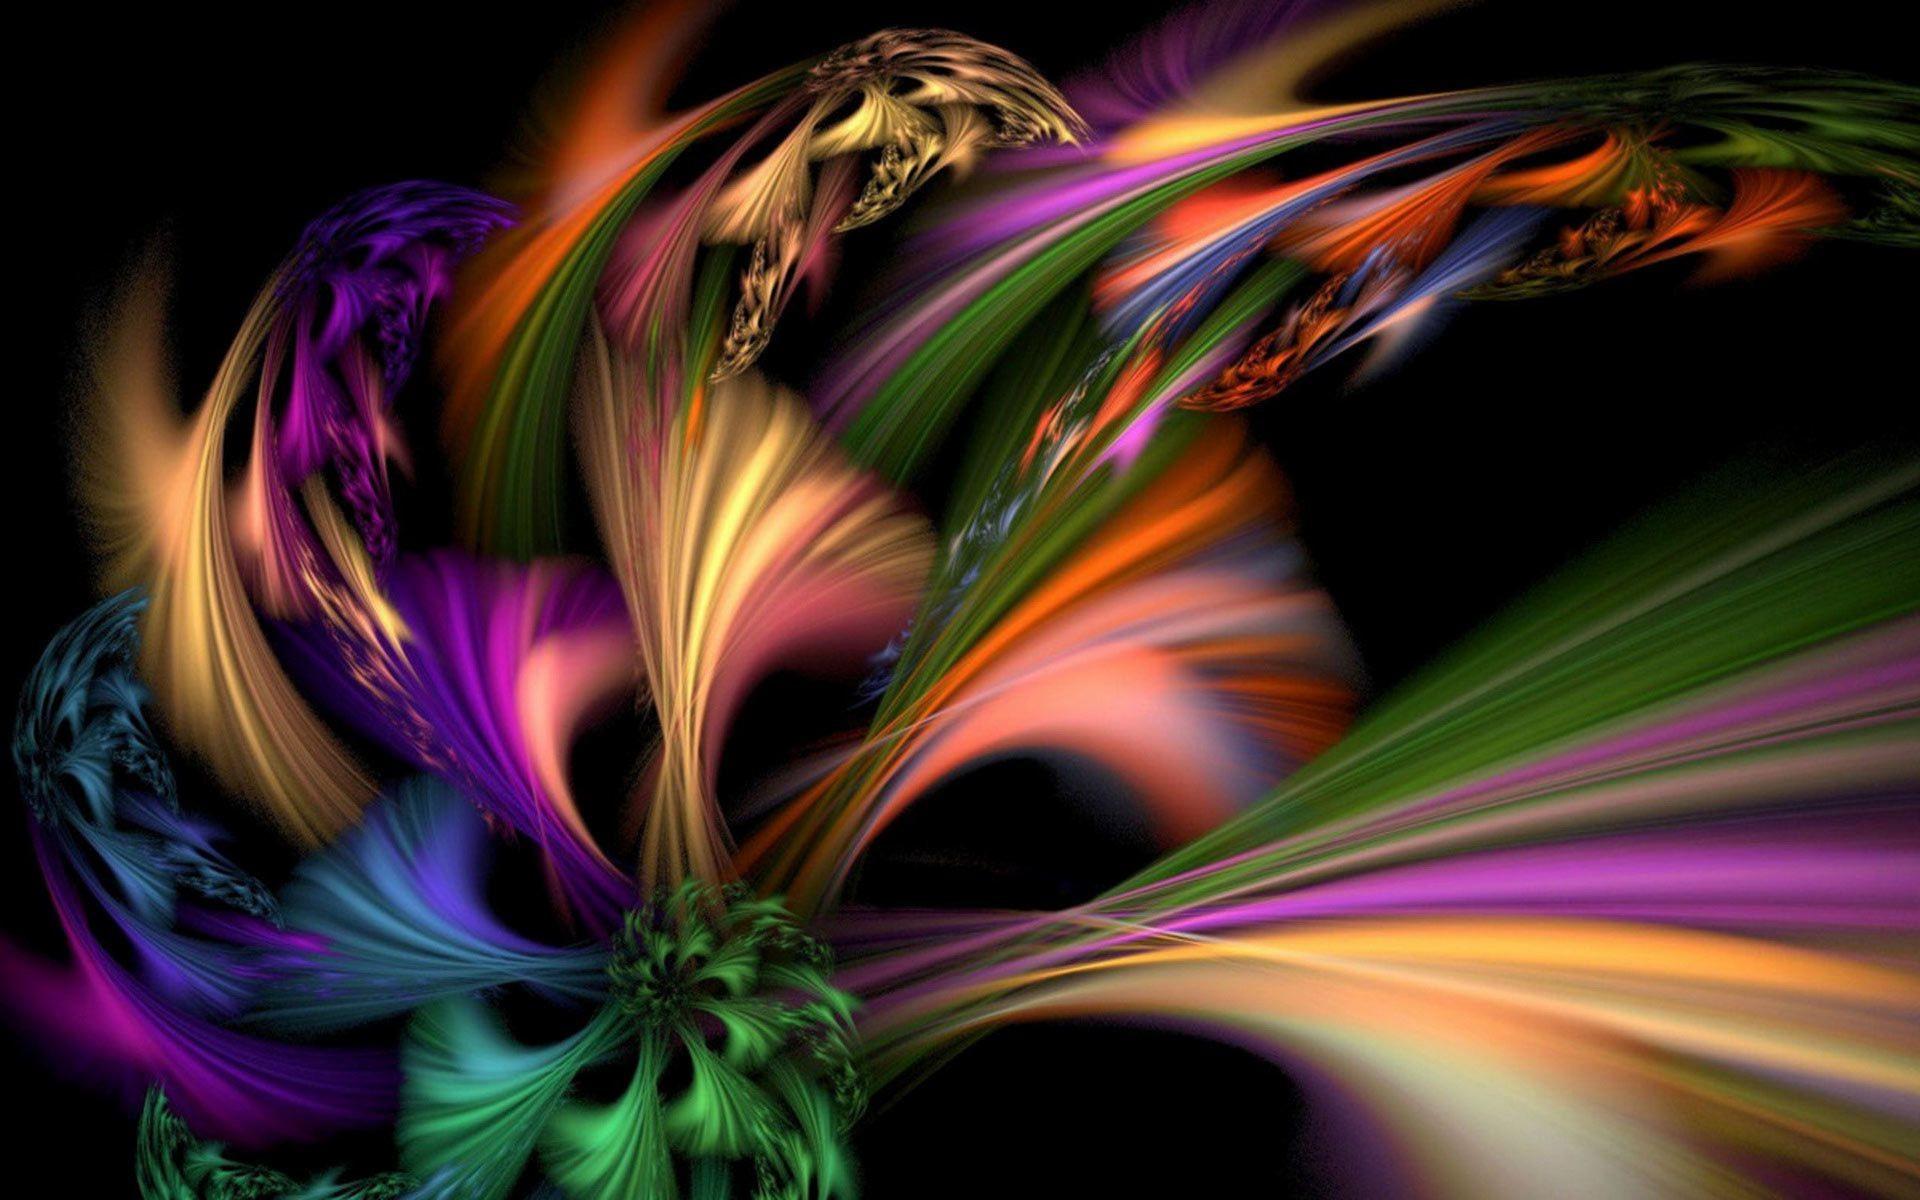 Цвета радуги красиво